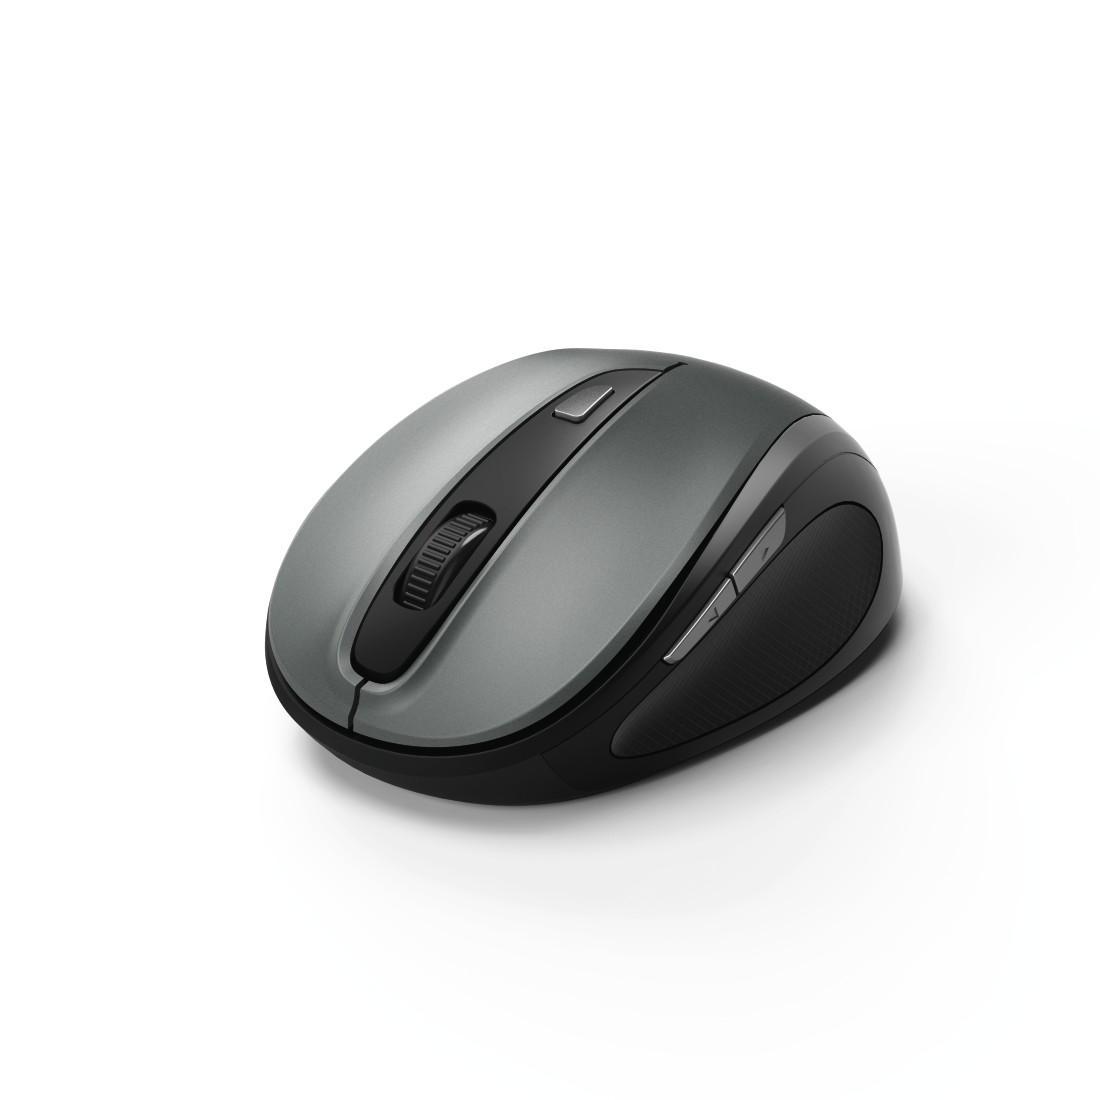 Безжична оптична мишка HAMA MW-400, USB, 1200/1600/800 dpi, Сив